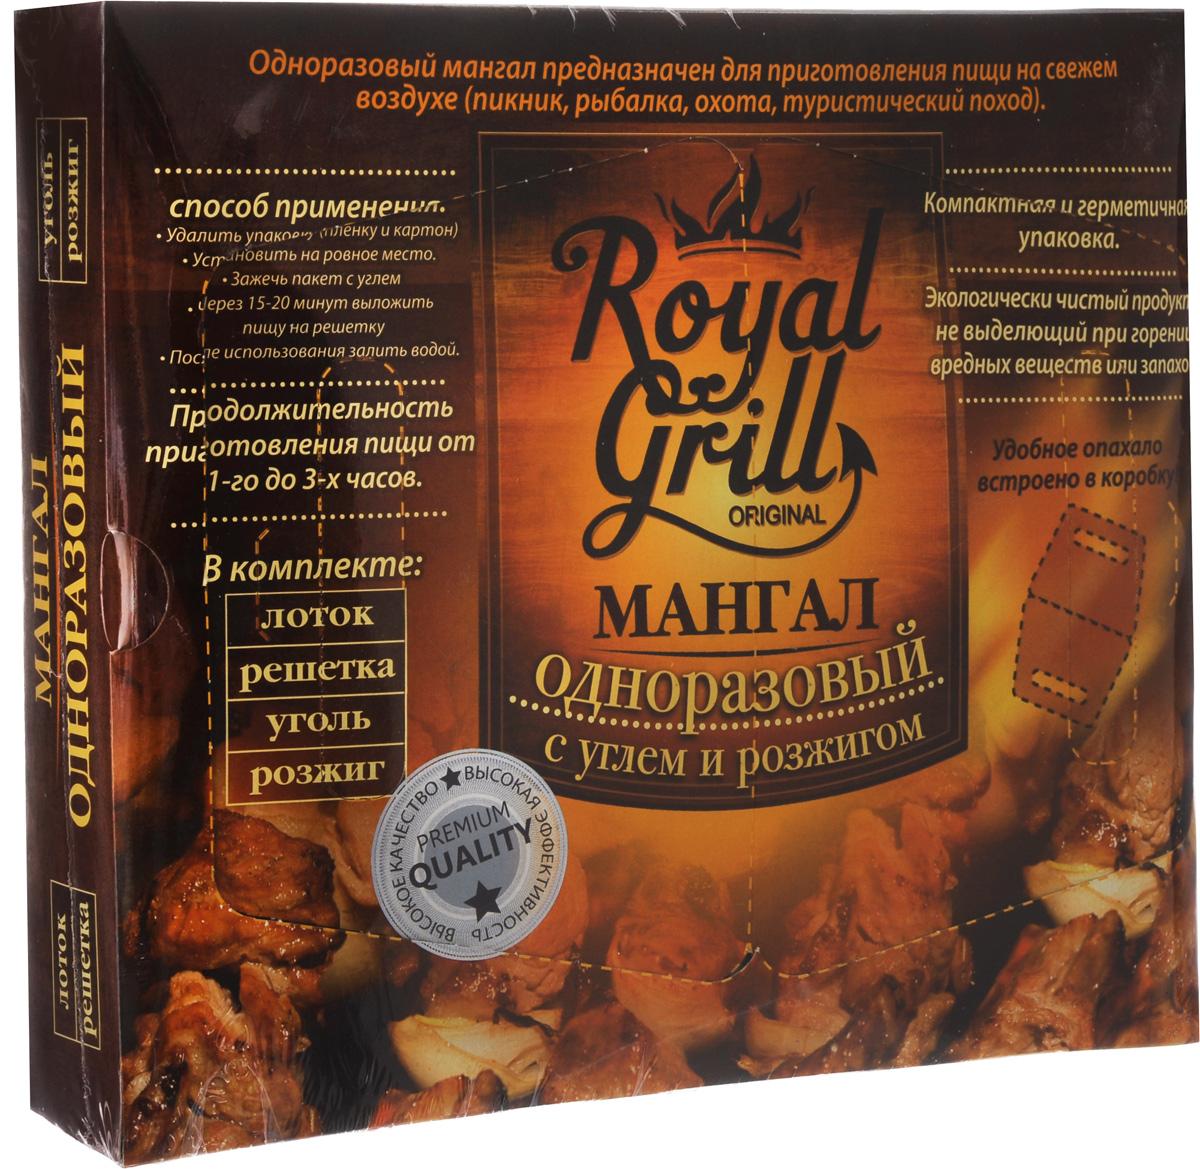 Мангал одноразовый RoyalGrill, с углем и розжигом19201Одноразовый мангал RoyalGrill выполнен из металла. Внутри мангала расположены брикеты из древесного угля. Сверху расположена металлическая решетка на которую выкладываются продукты. Этот мангал поместится в любой рюкзак или сумку, даже в пакет. В комплекте также имеются розжиг и удобное опахало, встроенное в коробку.Многие обожают выезжать на природу – здоровая атмосфера, чистый воздух, приятная компания, что может быть лучше для полноценного отдыха? Пикник, проводимый на свежем воздухе, оставляет неизгладимое впечатление: все воспринимается ярче и насыщенней. Редкий пикник обходится без приготовления горячих блюд: шашлыков, запеченных продуктов, мяса, рыбы или овощей. Однако для того чтобы приготовить шашлык по всем правилам, очень важно использовать соответствующие приспособления, одним из которых является мангал. Это устройство пользуется большой популярностью сегодня. Представляя собой эффектную установку, мангал является и декоративным элементом, вписывающимся в ландшафт, и средством для приготовления горячих блюд на открытой площадке.